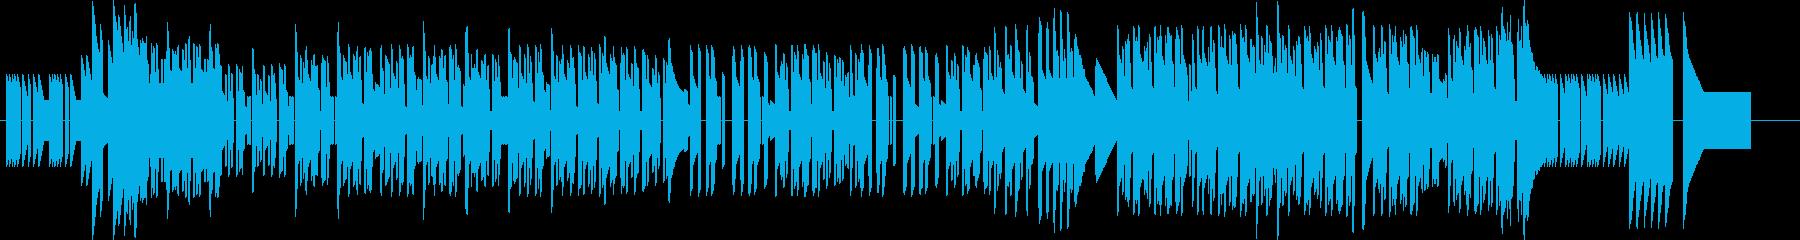 中華イメージのアップテンポチップチューンの再生済みの波形